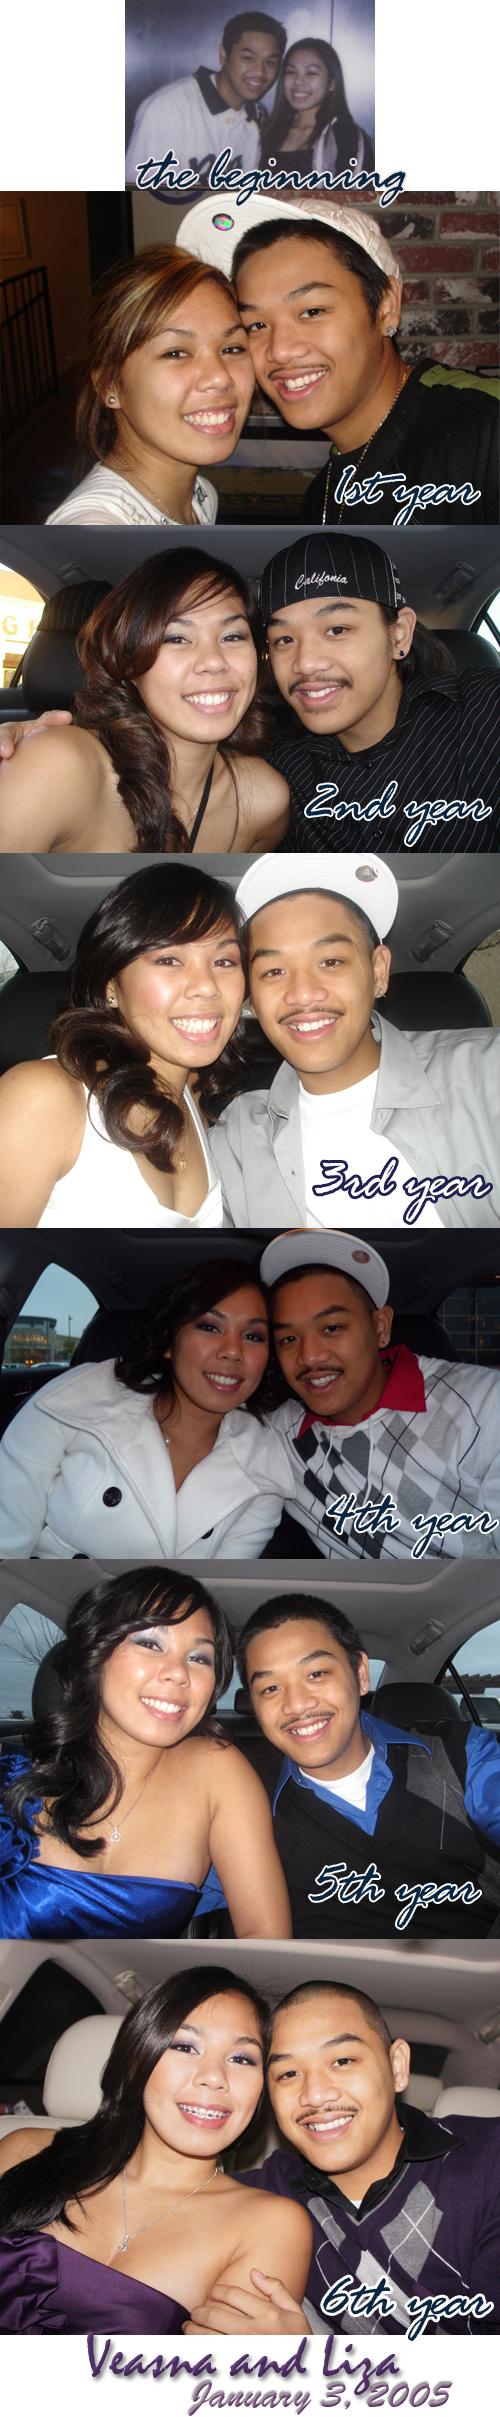 6 yearss